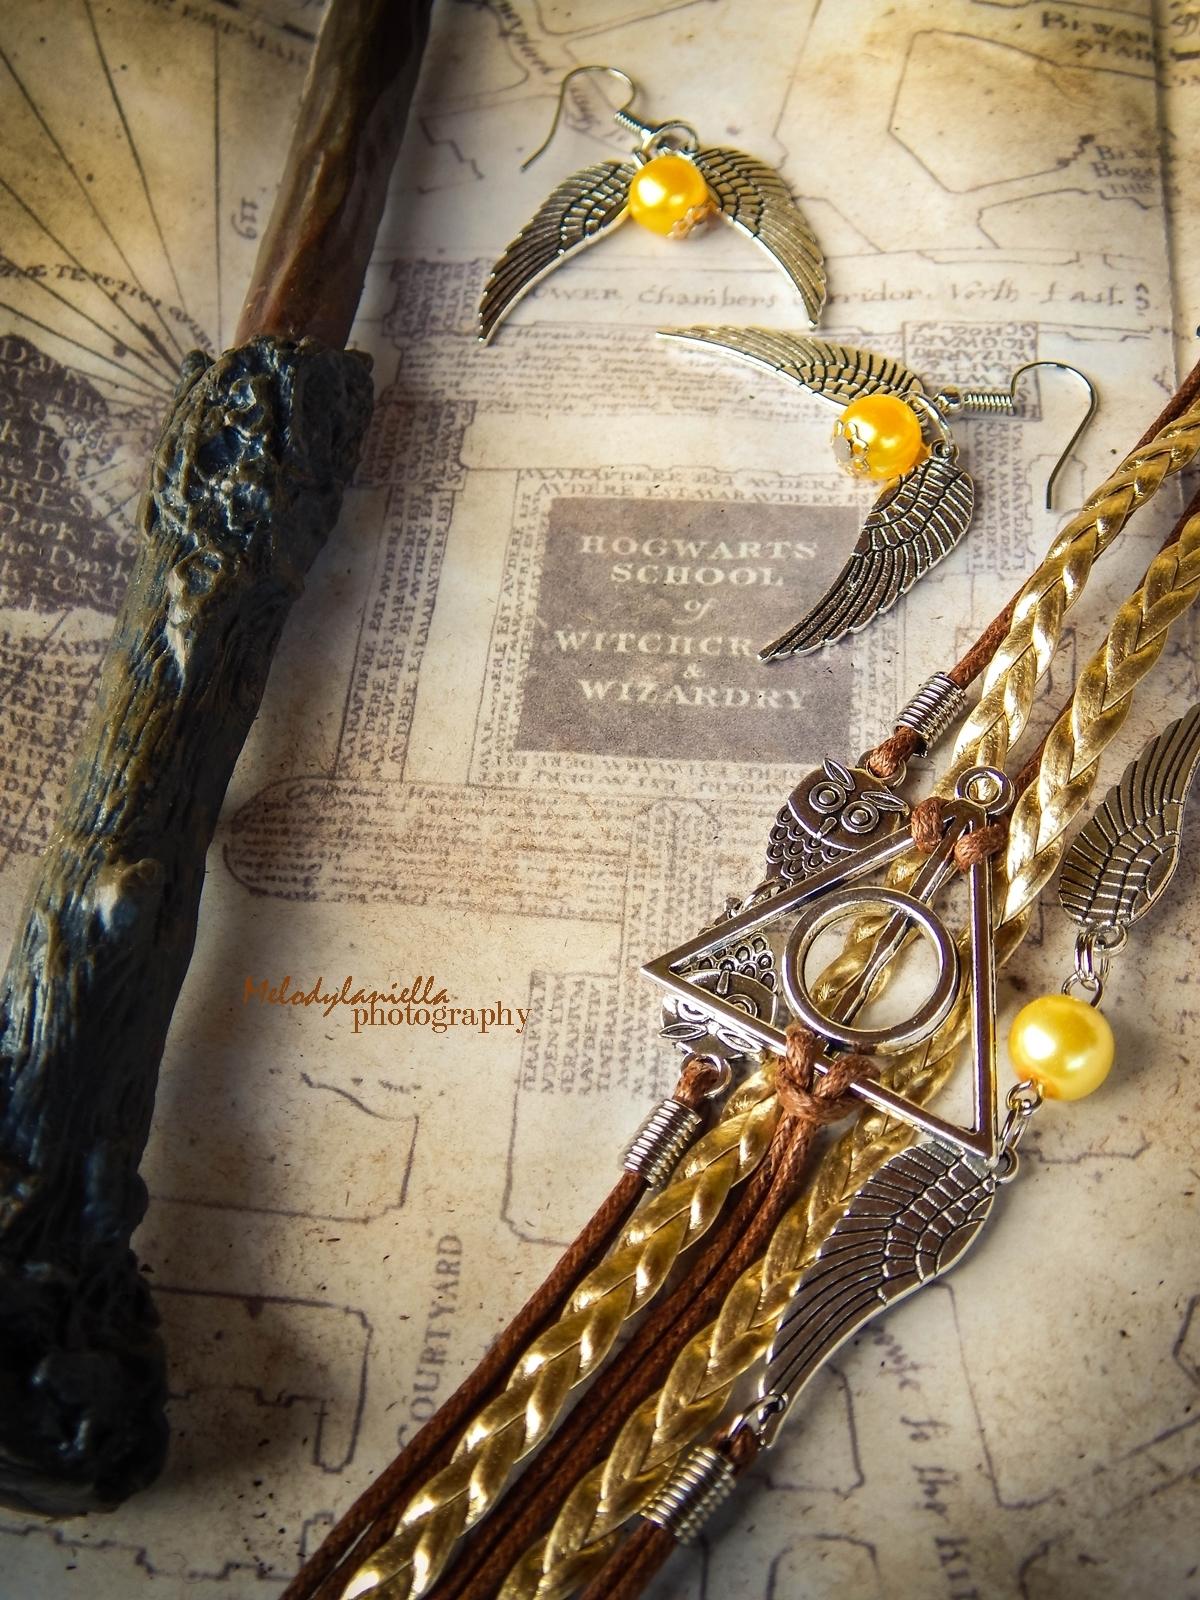 harry potter różdżka zmieniacz czasu mapa huncwotów ksiązki mugole prezenty bizuteria złoty znicz pióro sowa mapa dla fanów prezent złoto różdżka insygnia śmierci złote znicze bransoletka kolczyki